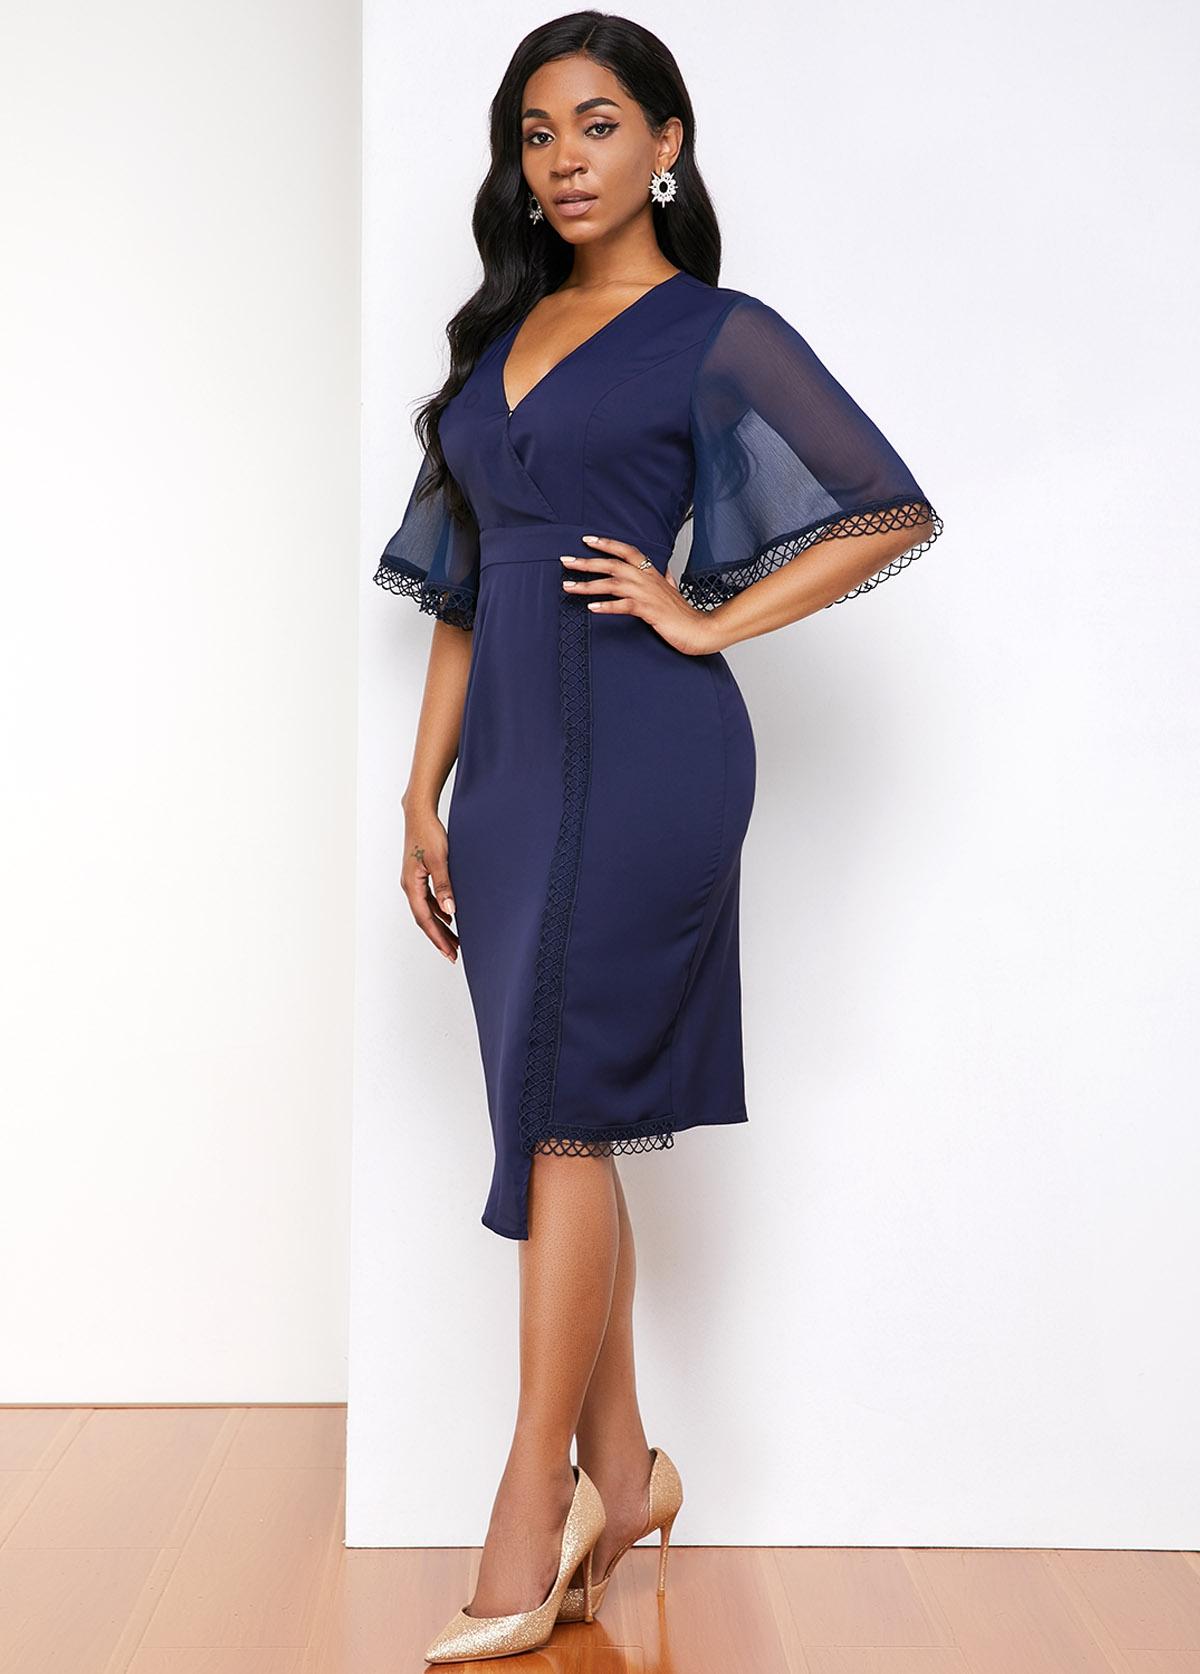 V Neck Asymmetric Hem Lace Panel Dress